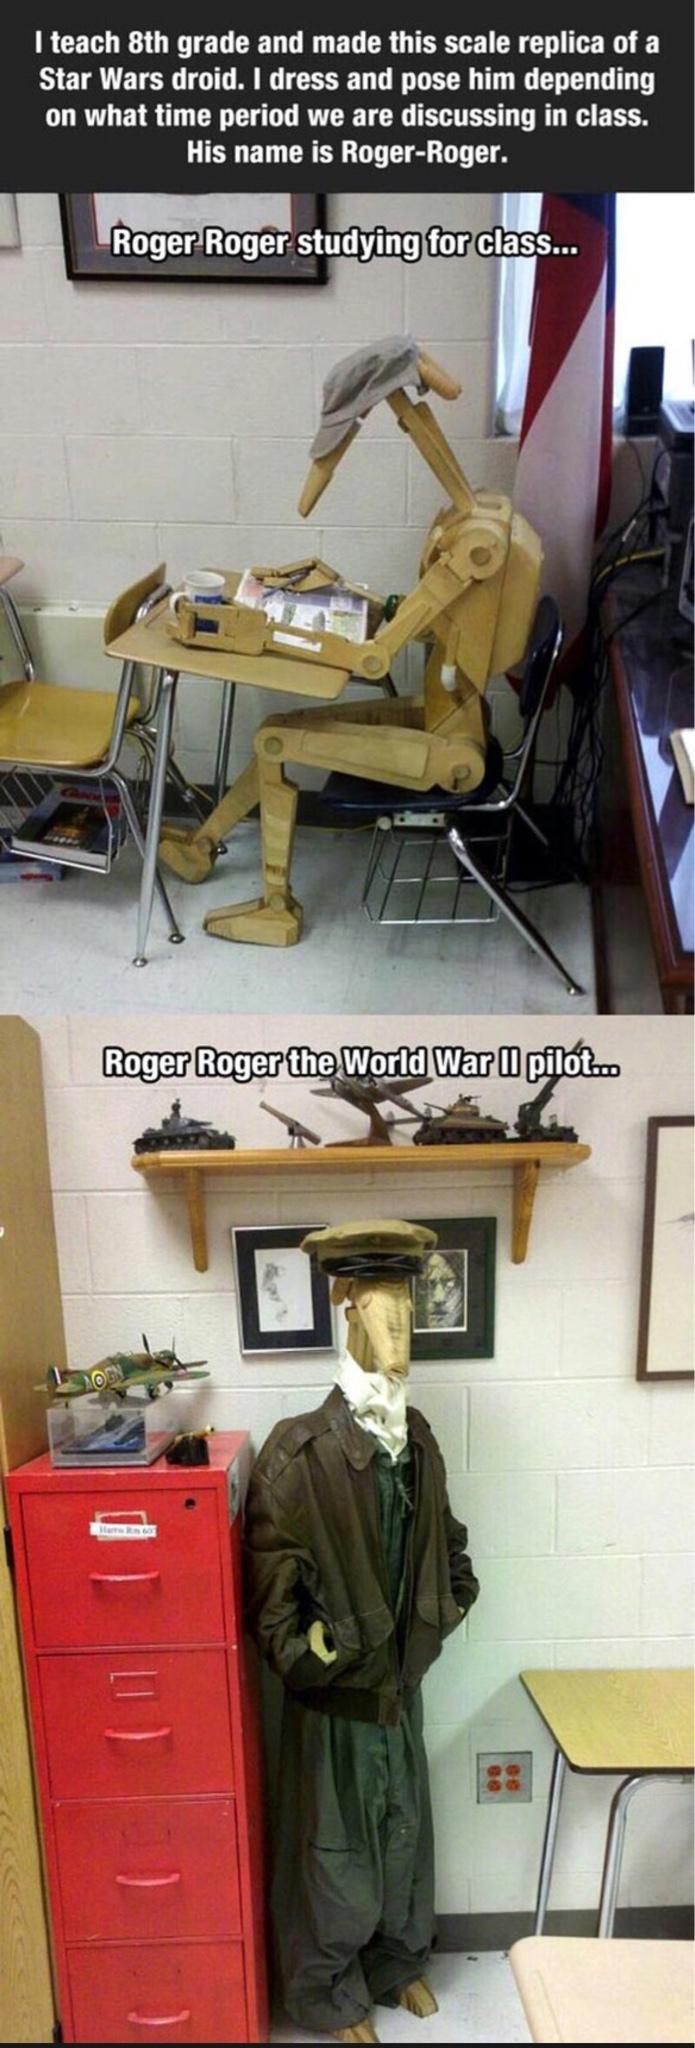 Roger roger that - meme